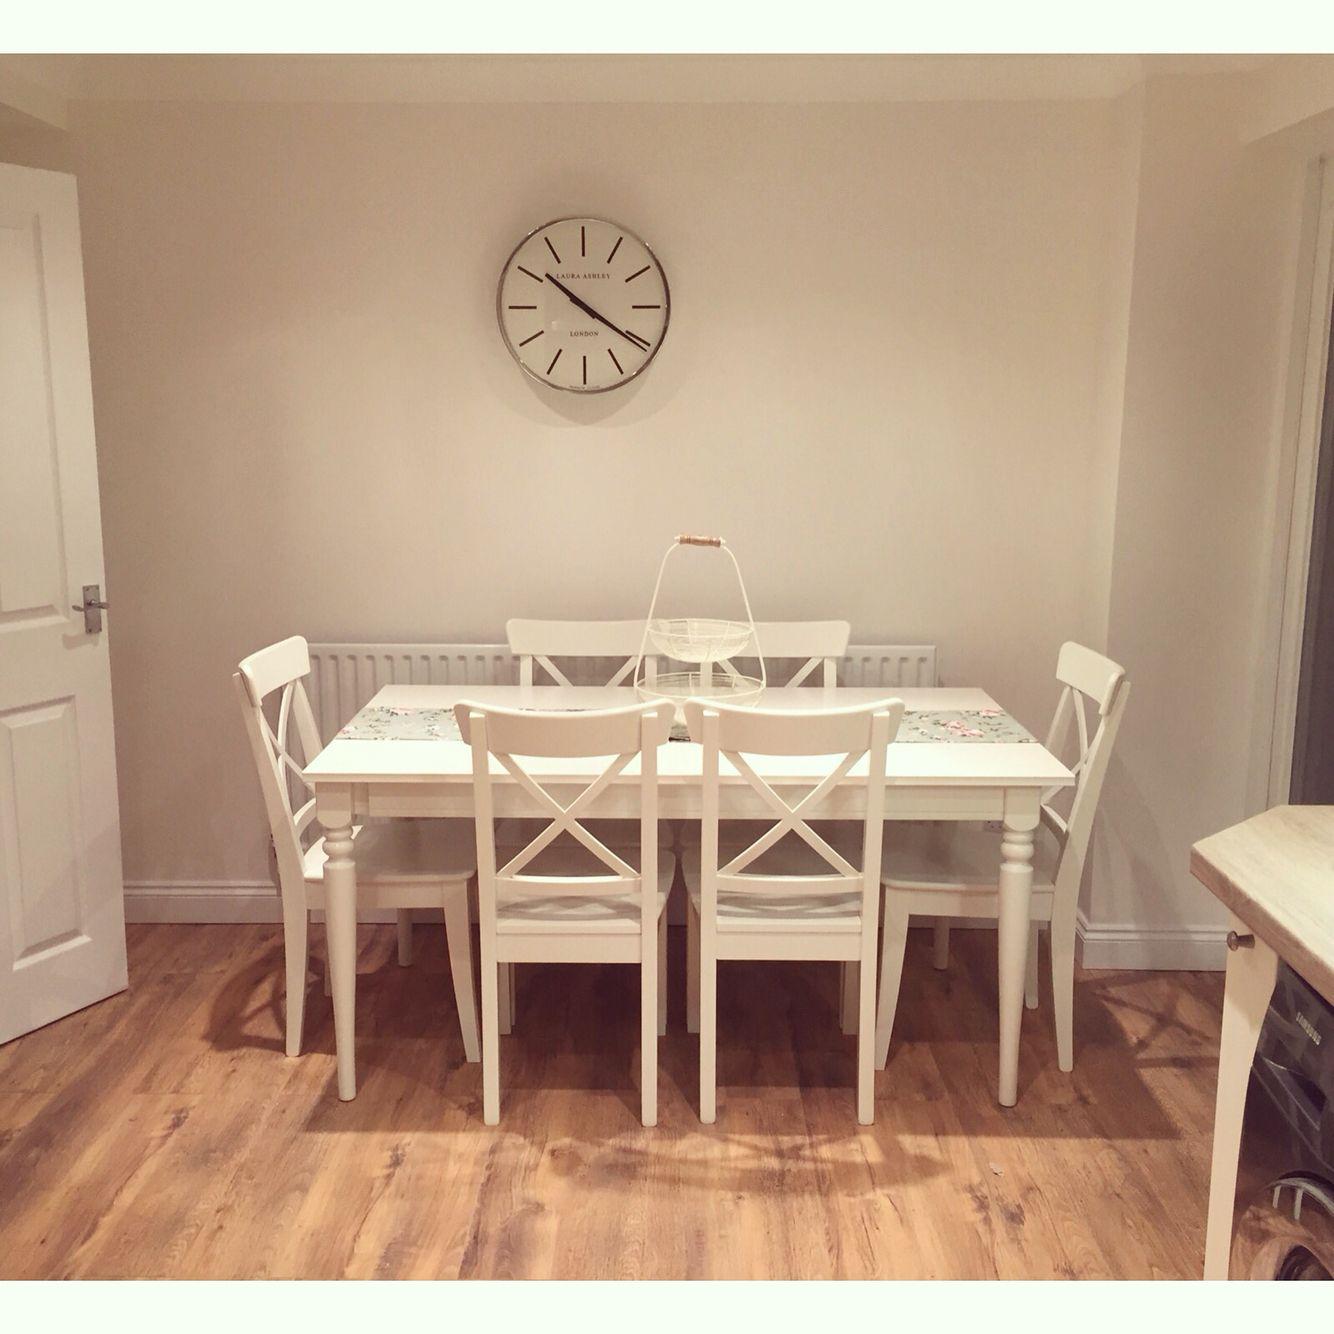 Kitchen Bench Ikea: Kitchen Table - IKEA #ingatorp #homedecor #shabbychic #laurashley